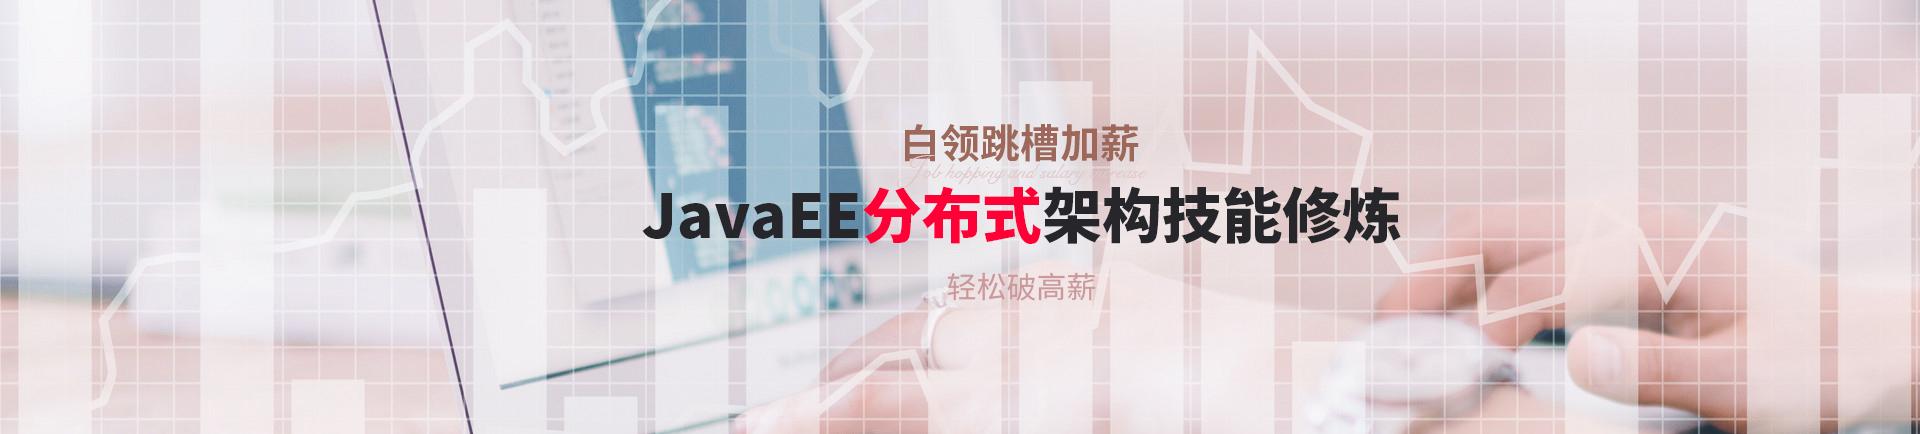 JavaEE分布�架构技能修炼 轻�高薪-xian